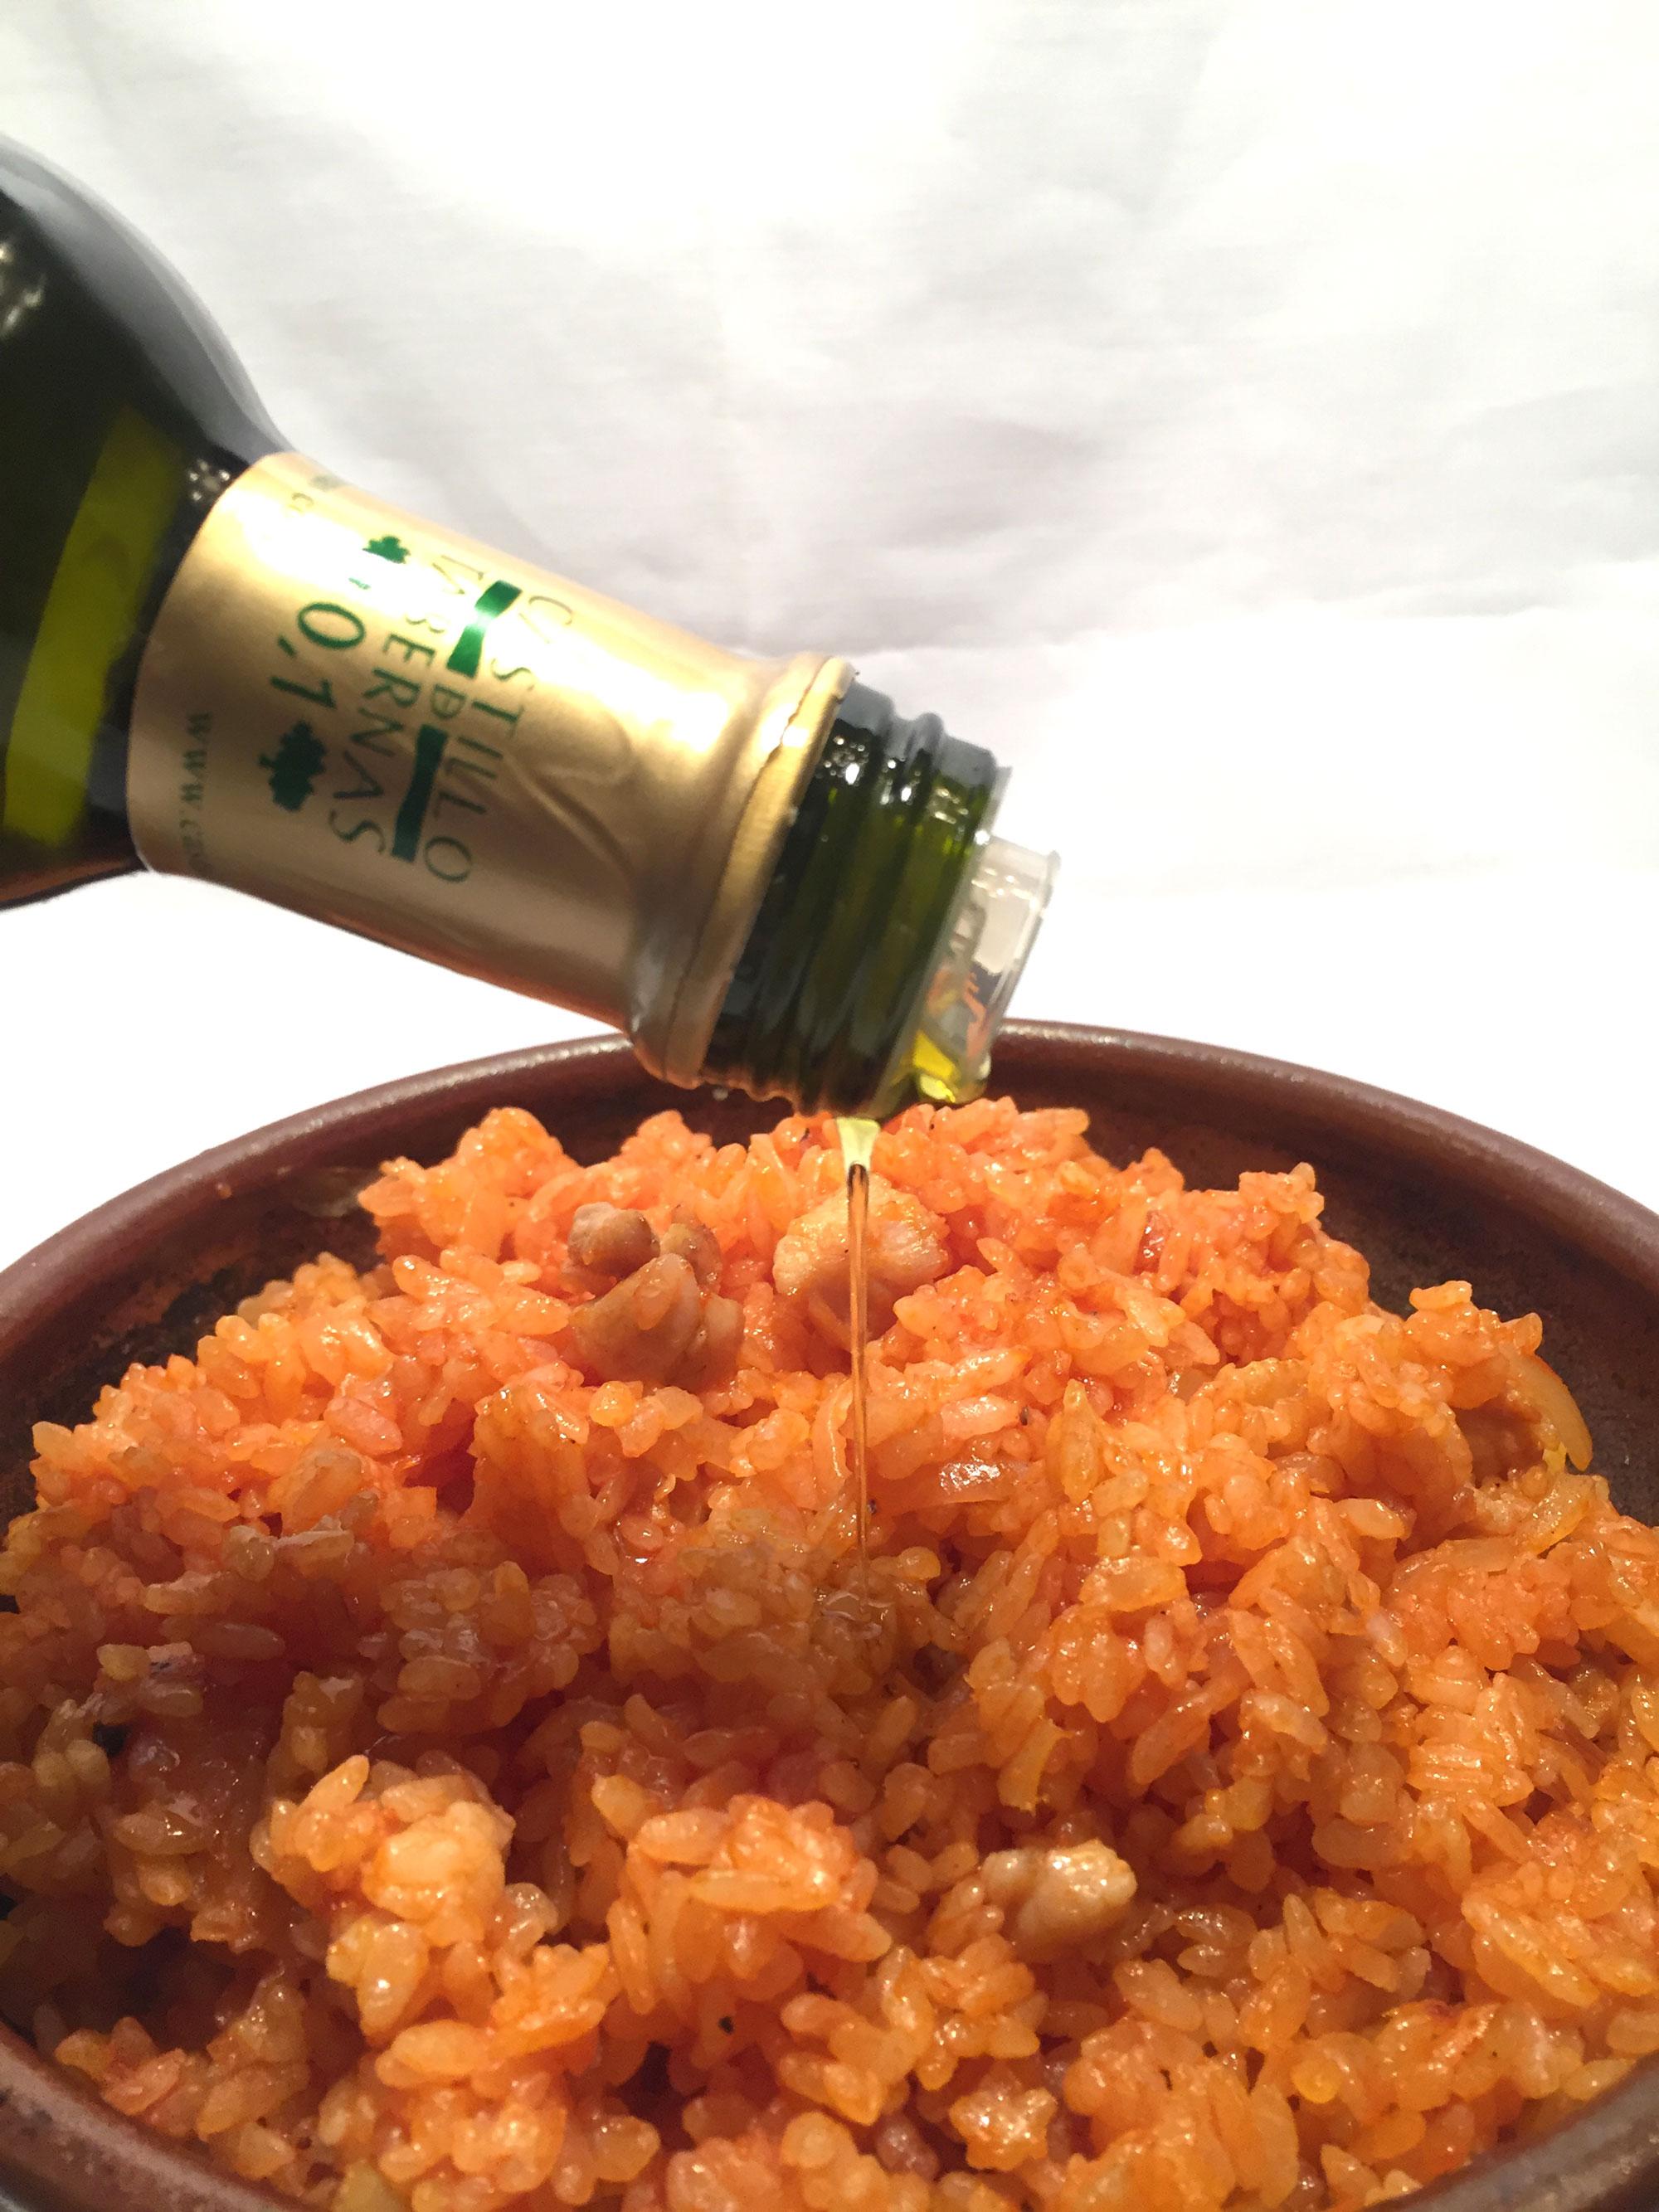 酸度0.1オリーブオイル『カスティージョ・デ・タベルナス0.1』でおいしいチキンライス